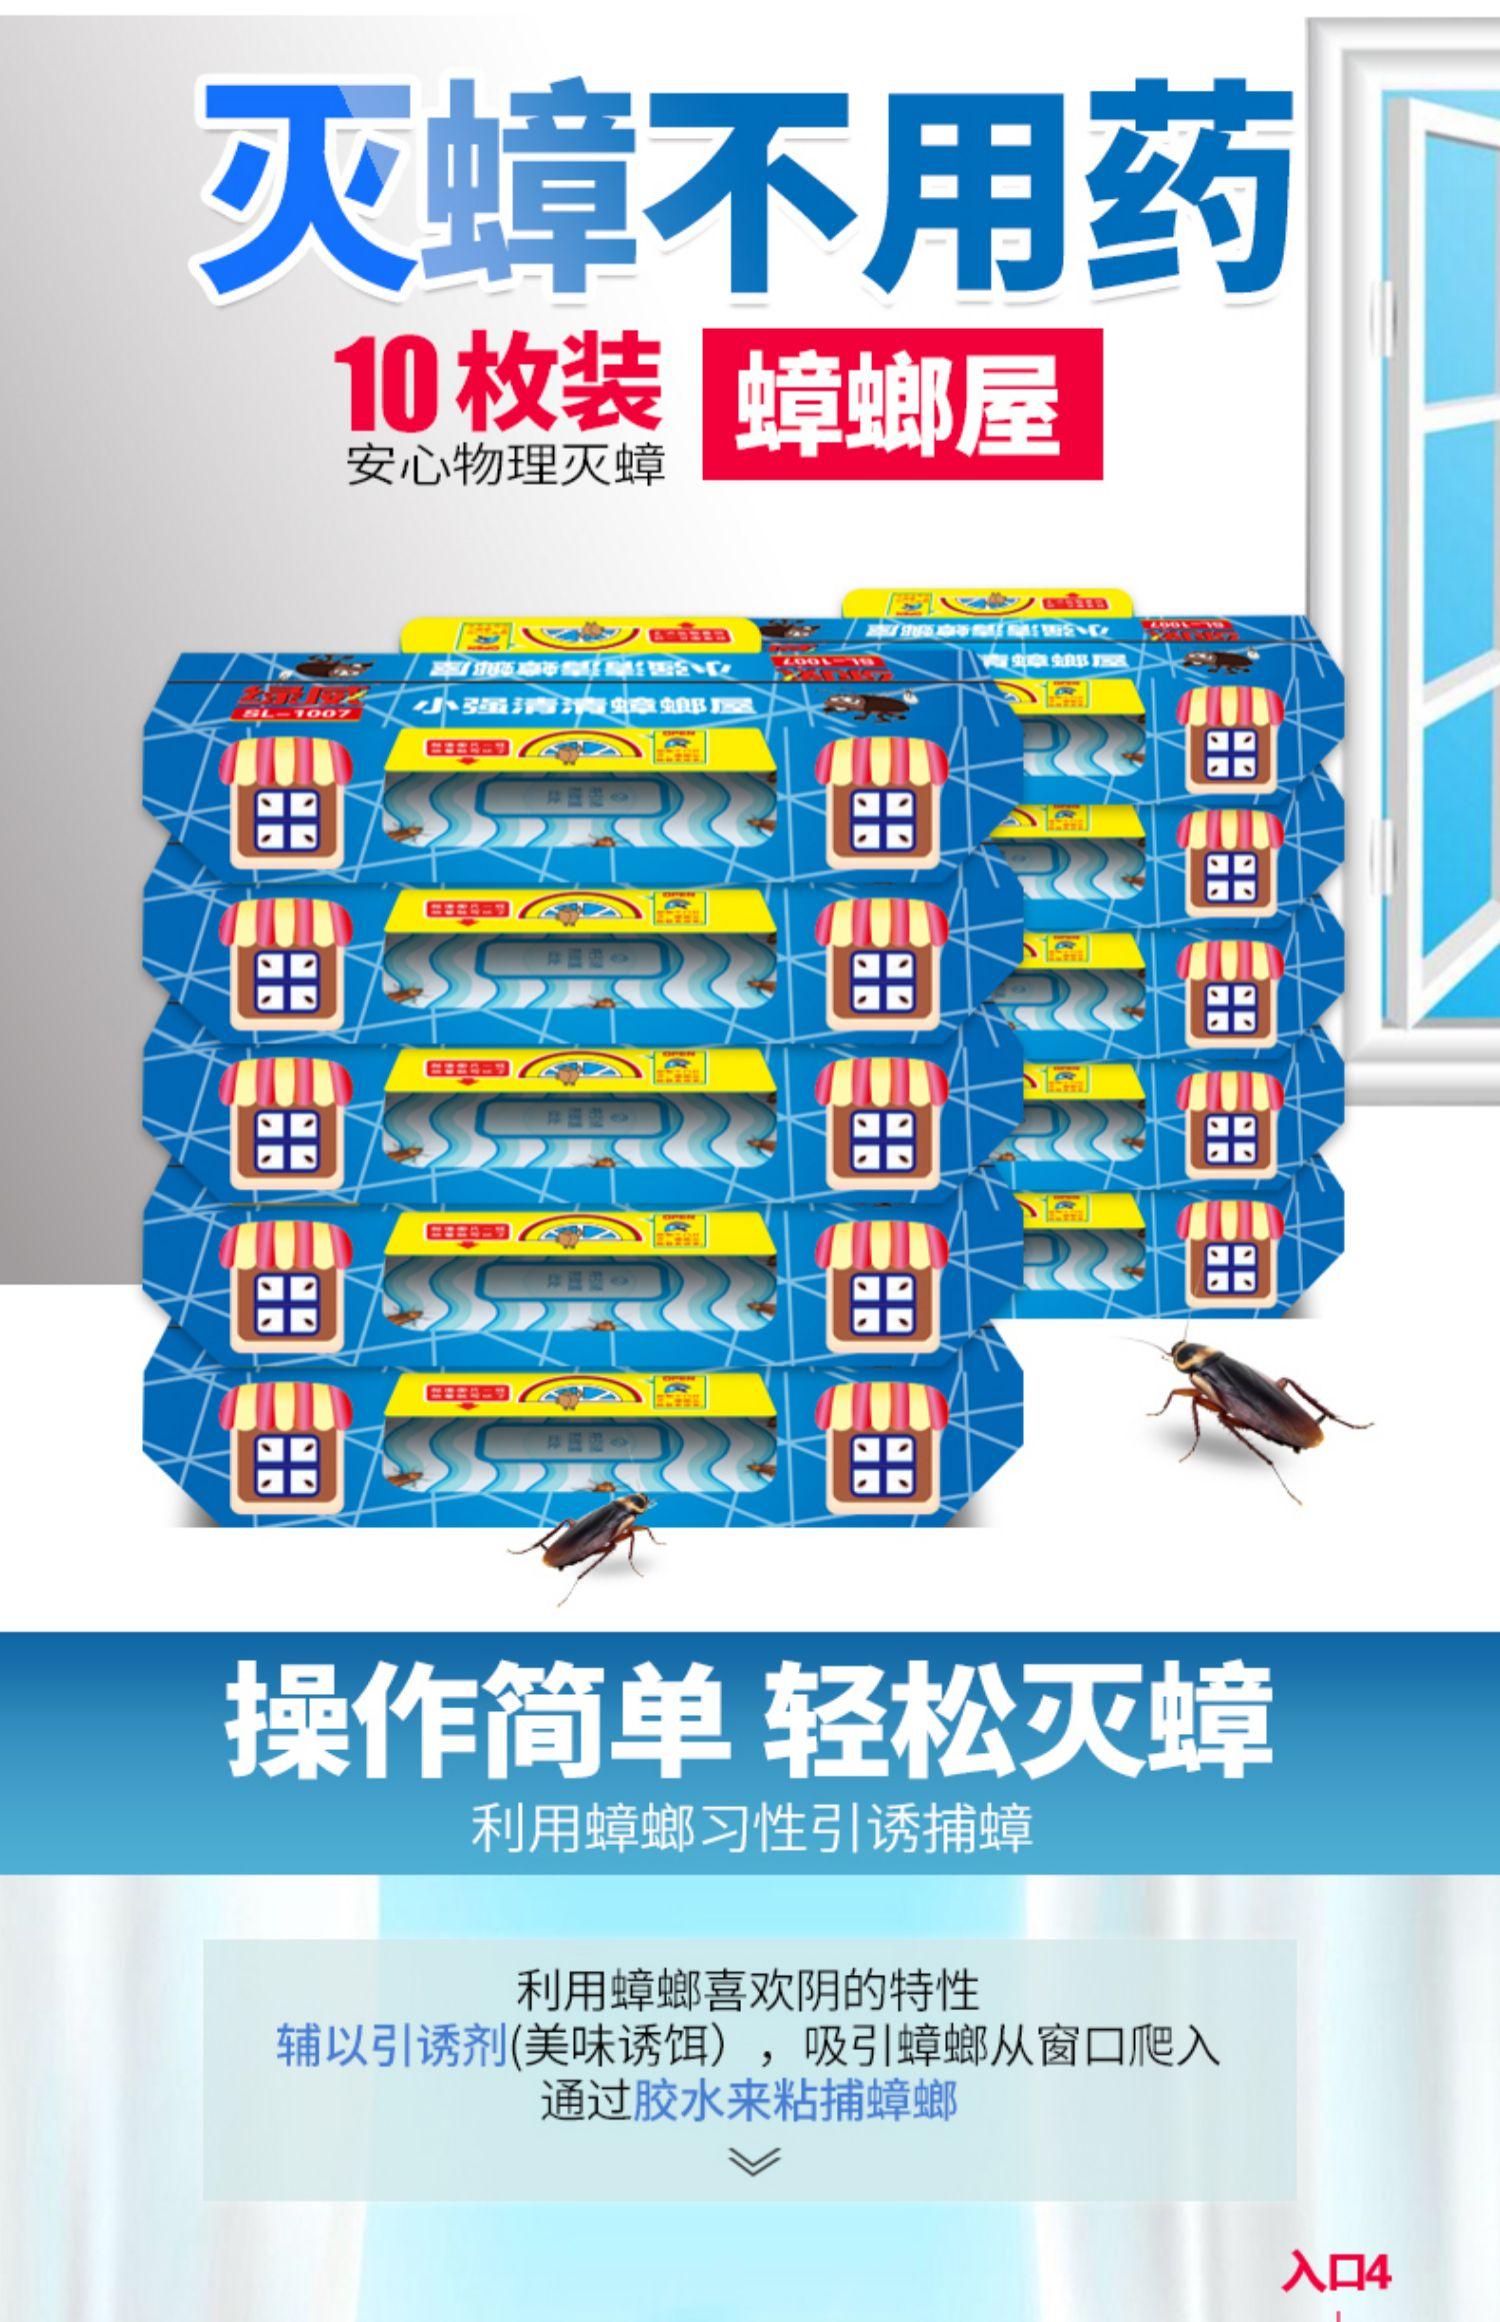 灭小蟑螂屋药贴除大小通杀日本家用无毒捕捉器神器厨房一窝端杀死商品详情图